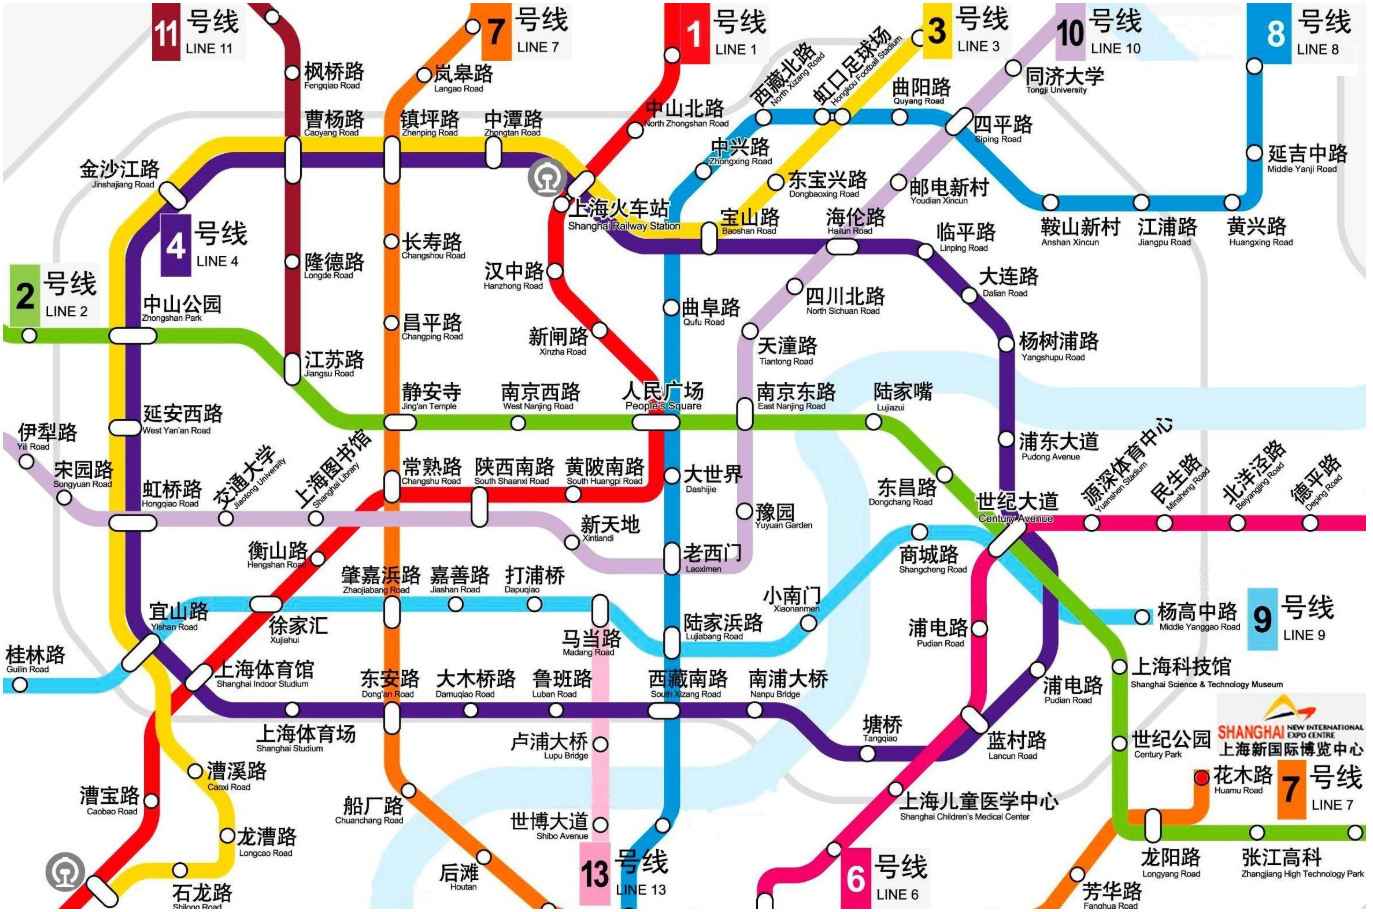 上海轨道交通线路图